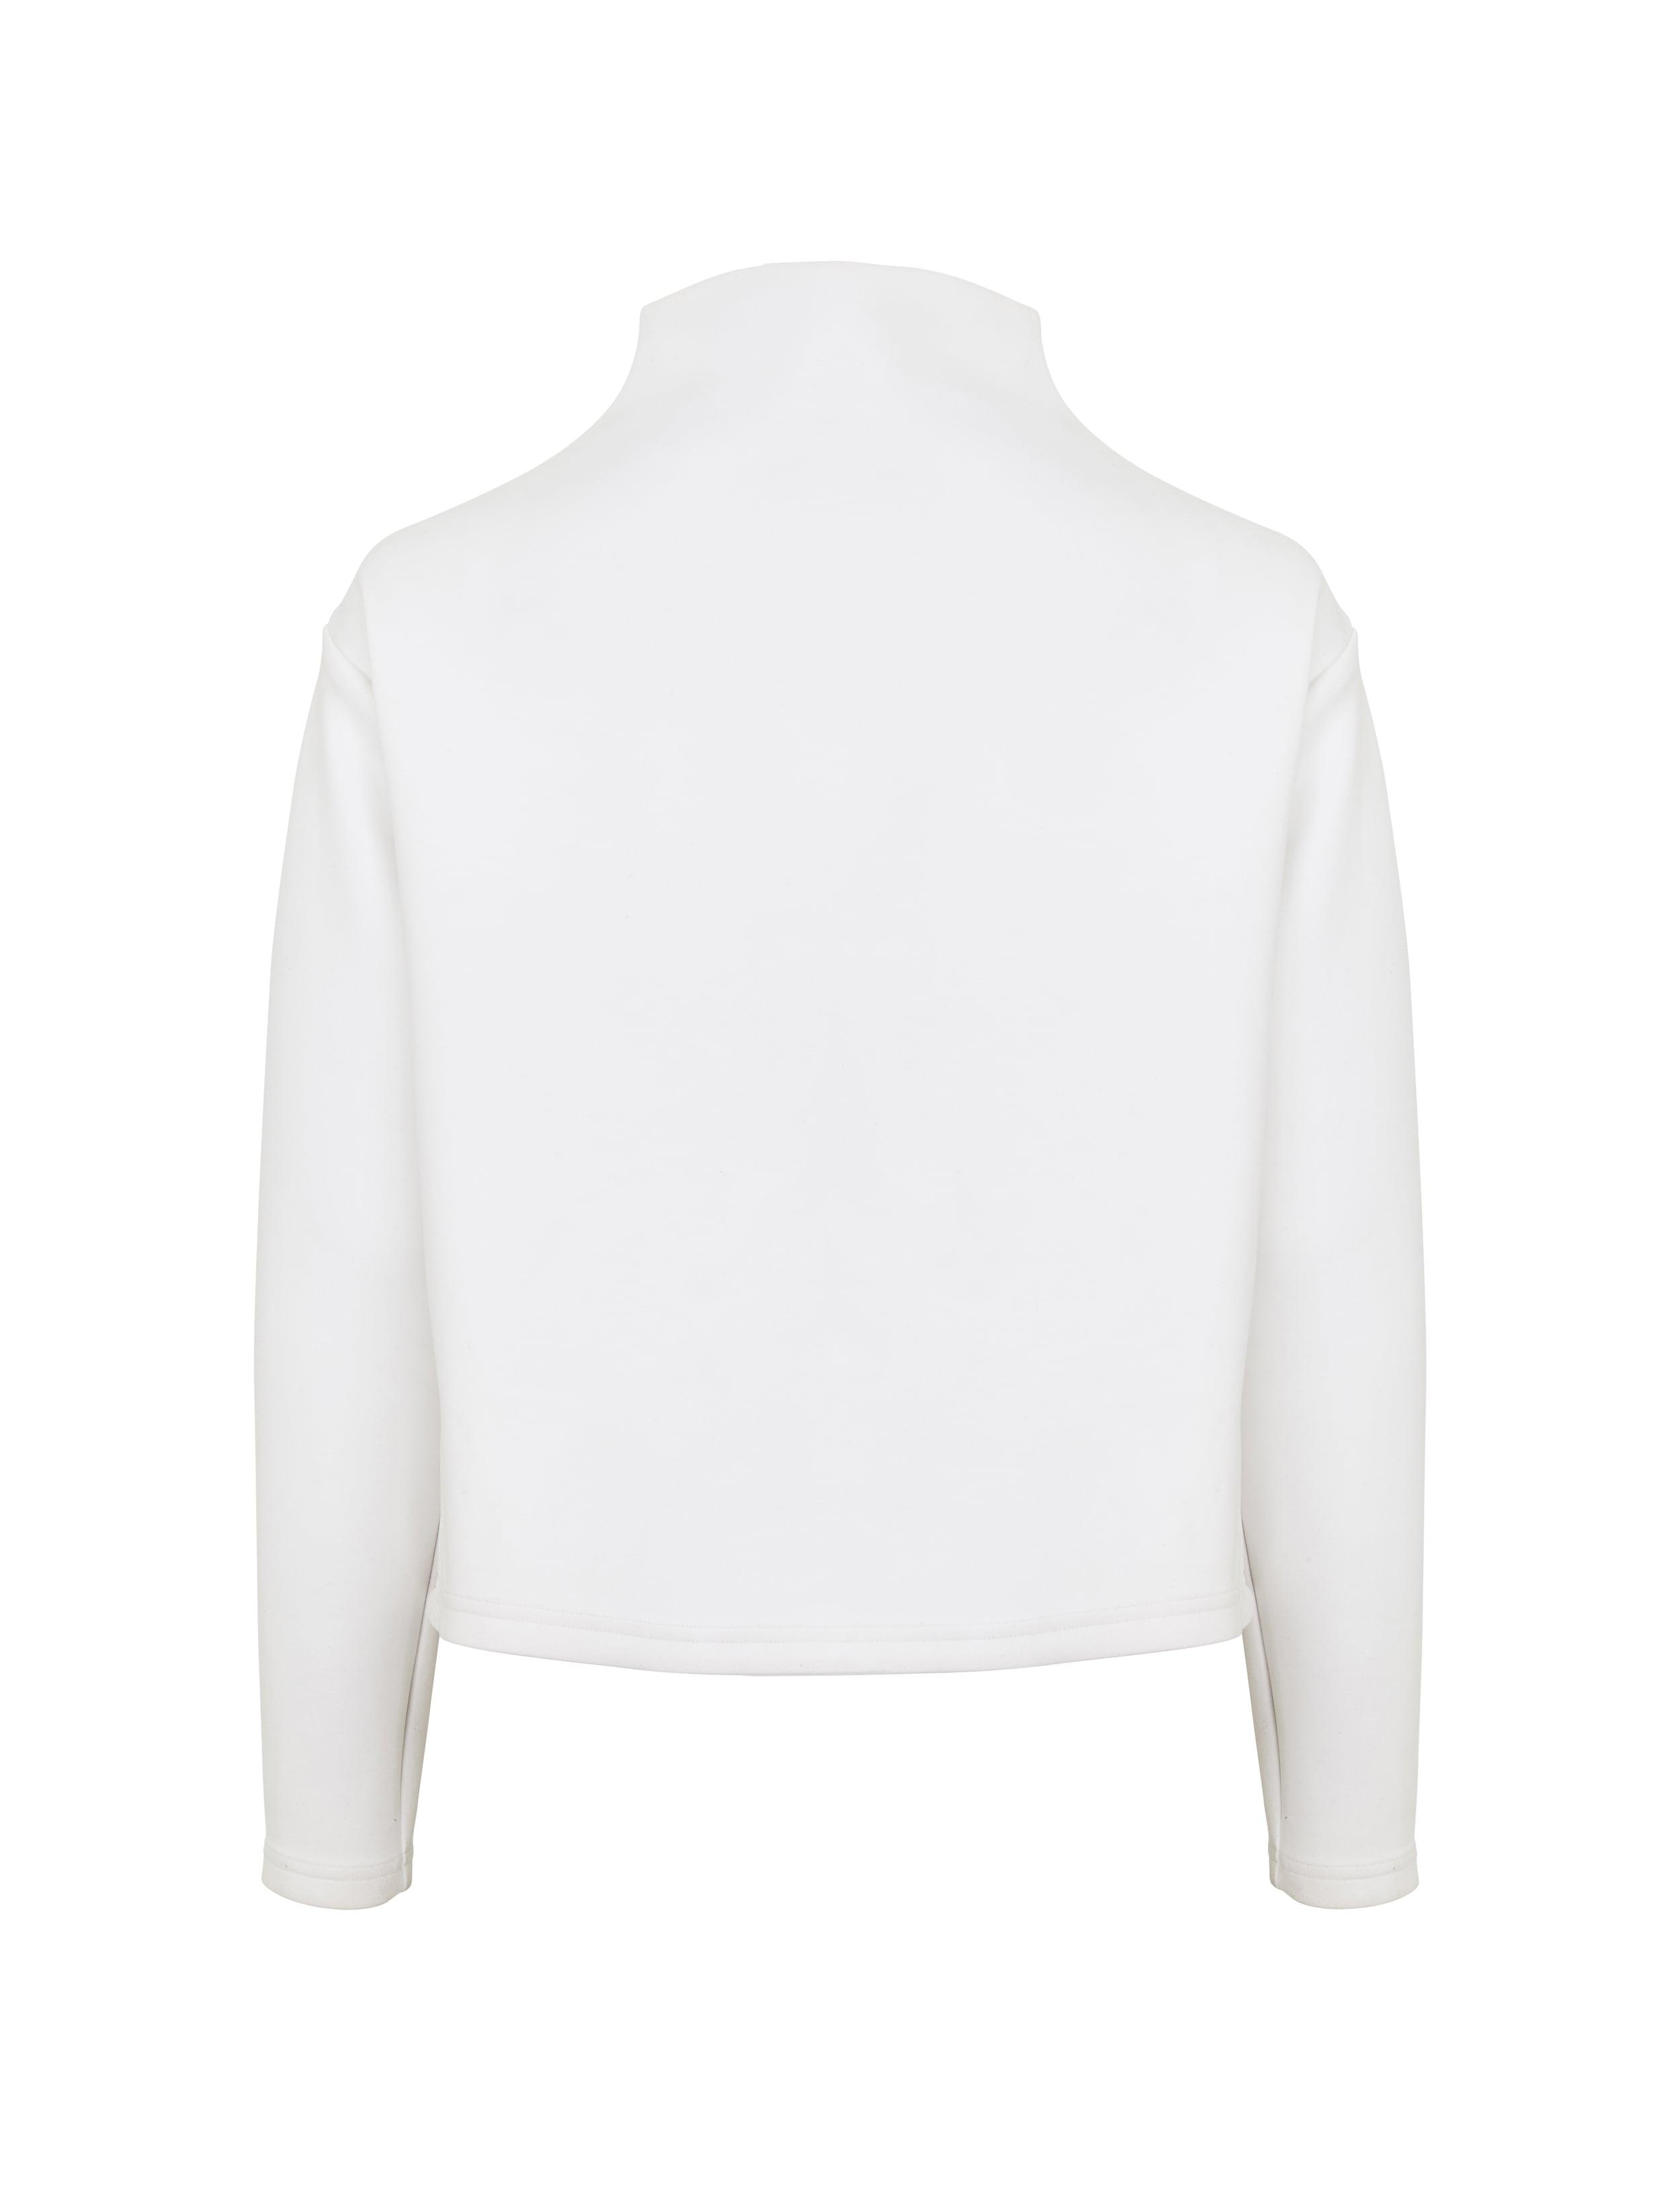 ADAY Like A Boss Sweatshirt-Front.jpg